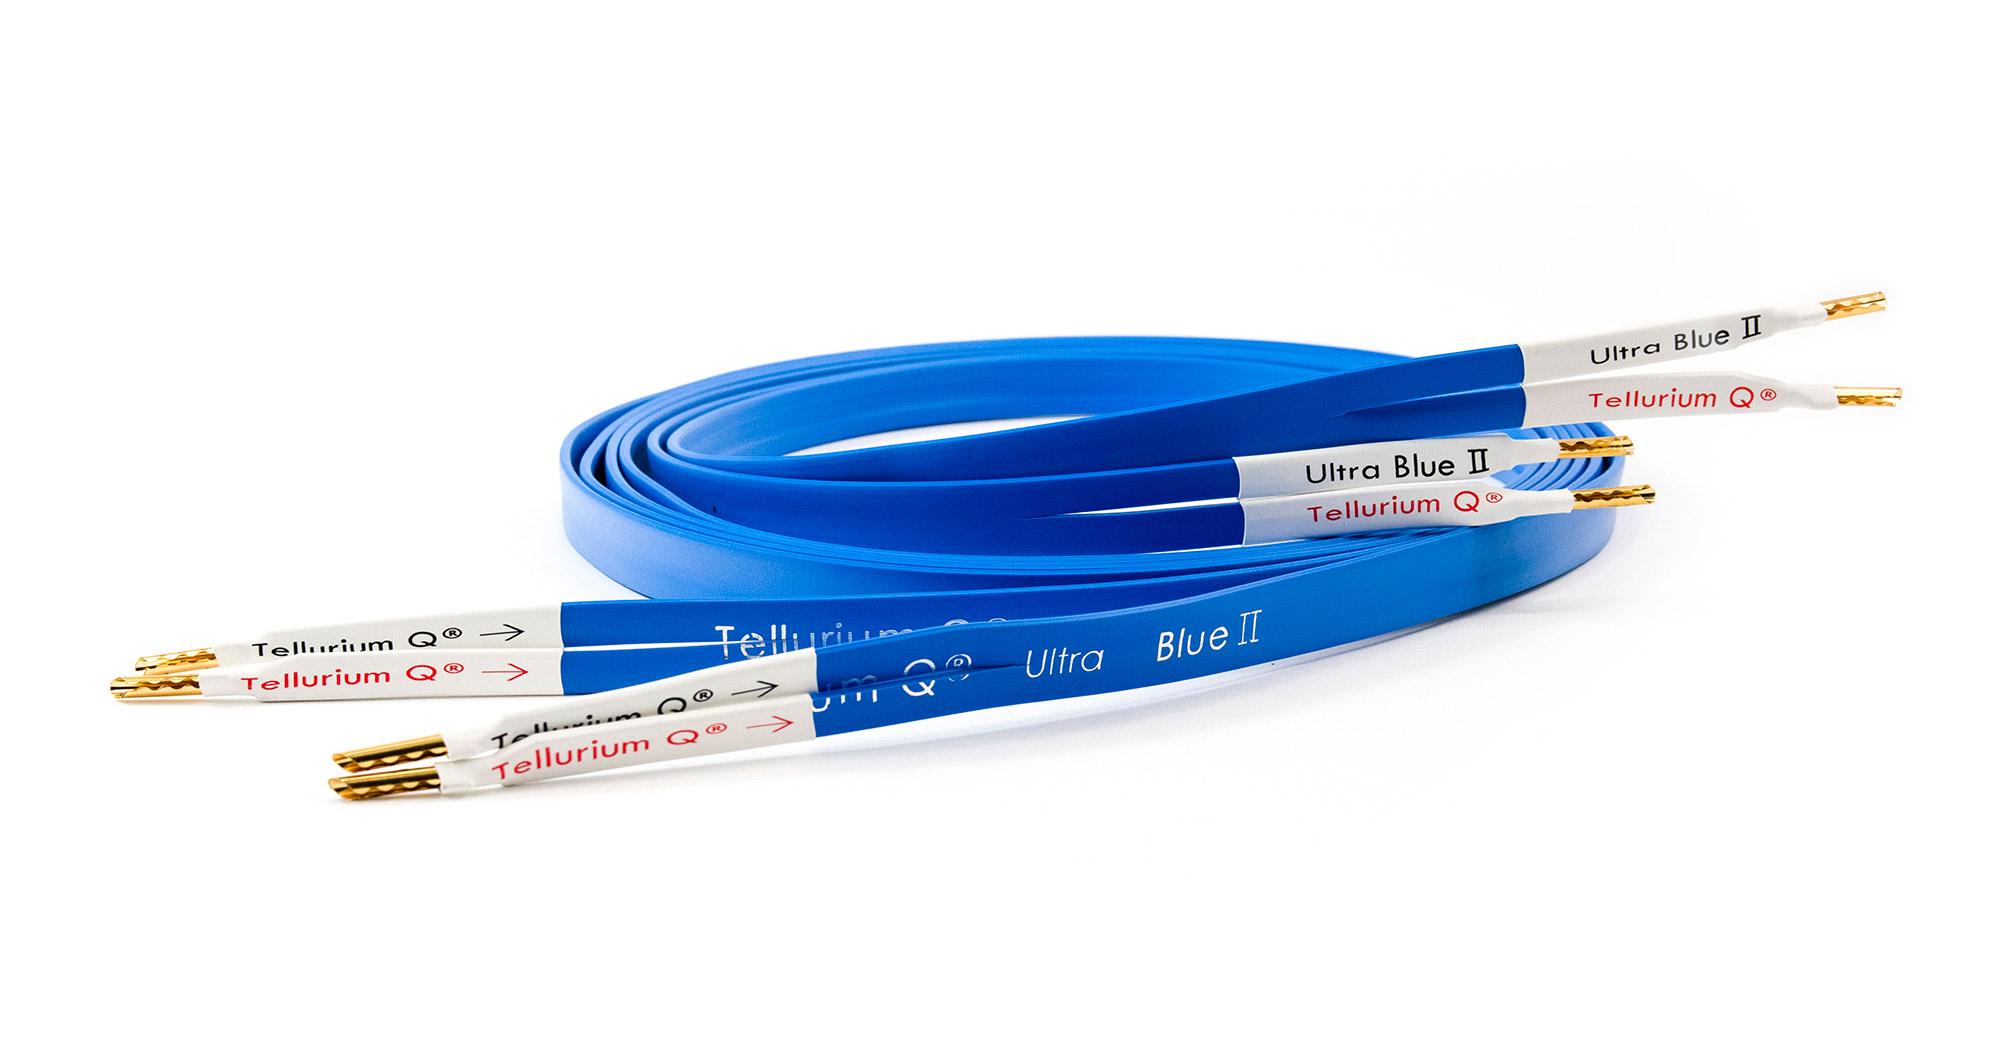 Ultra Blue スピーカーケーブル